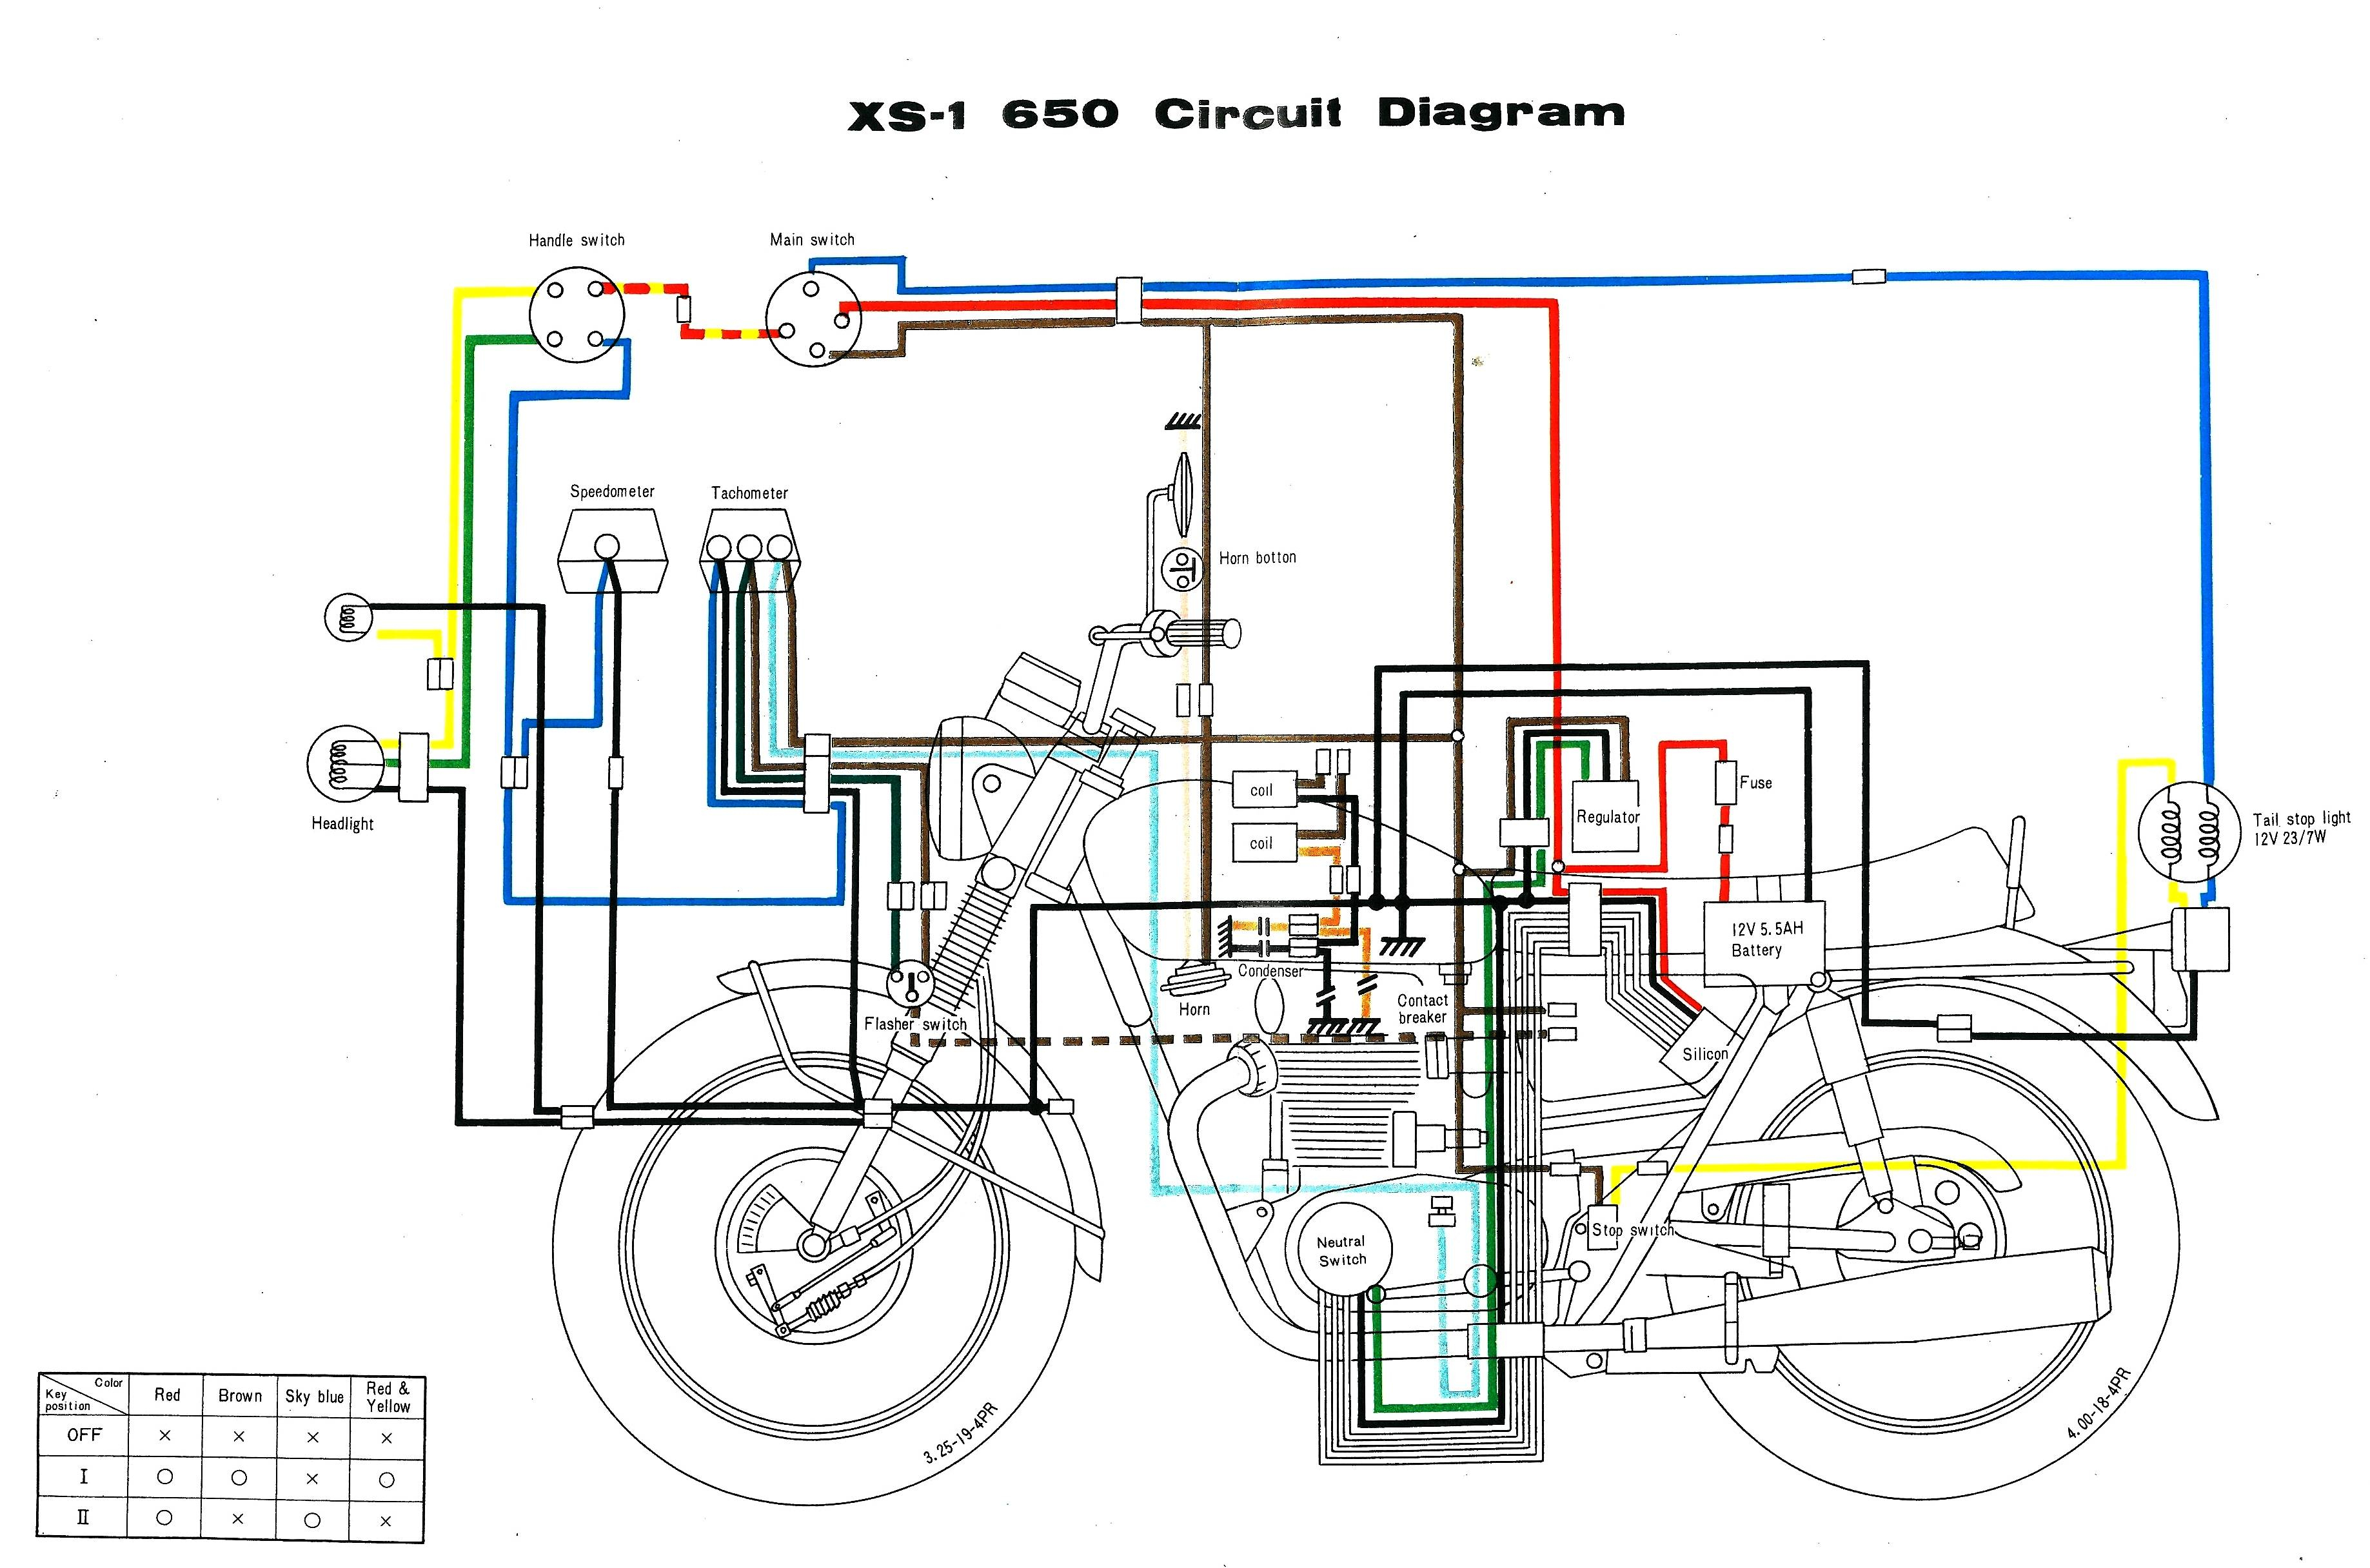 Motorcycle Wiring Schematics | Wiring Diagram - Simple Motorcycle Wiring Diagram